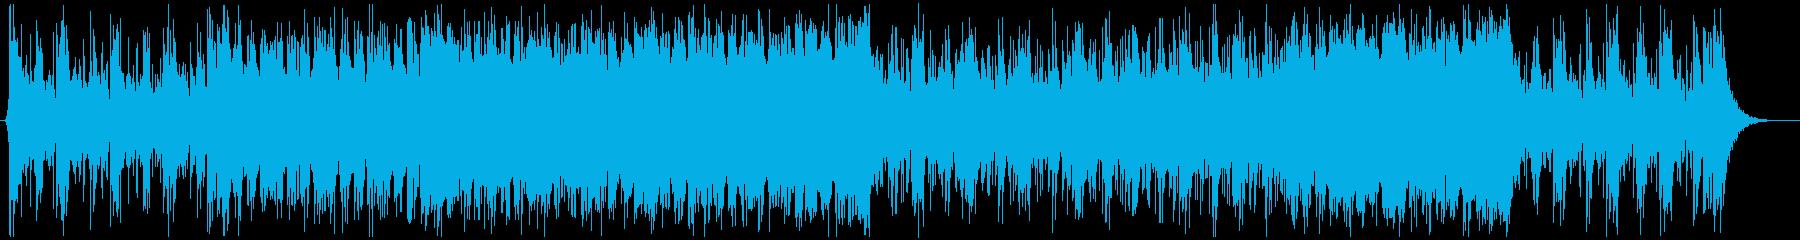 映画トレイラー風BGMの再生済みの波形